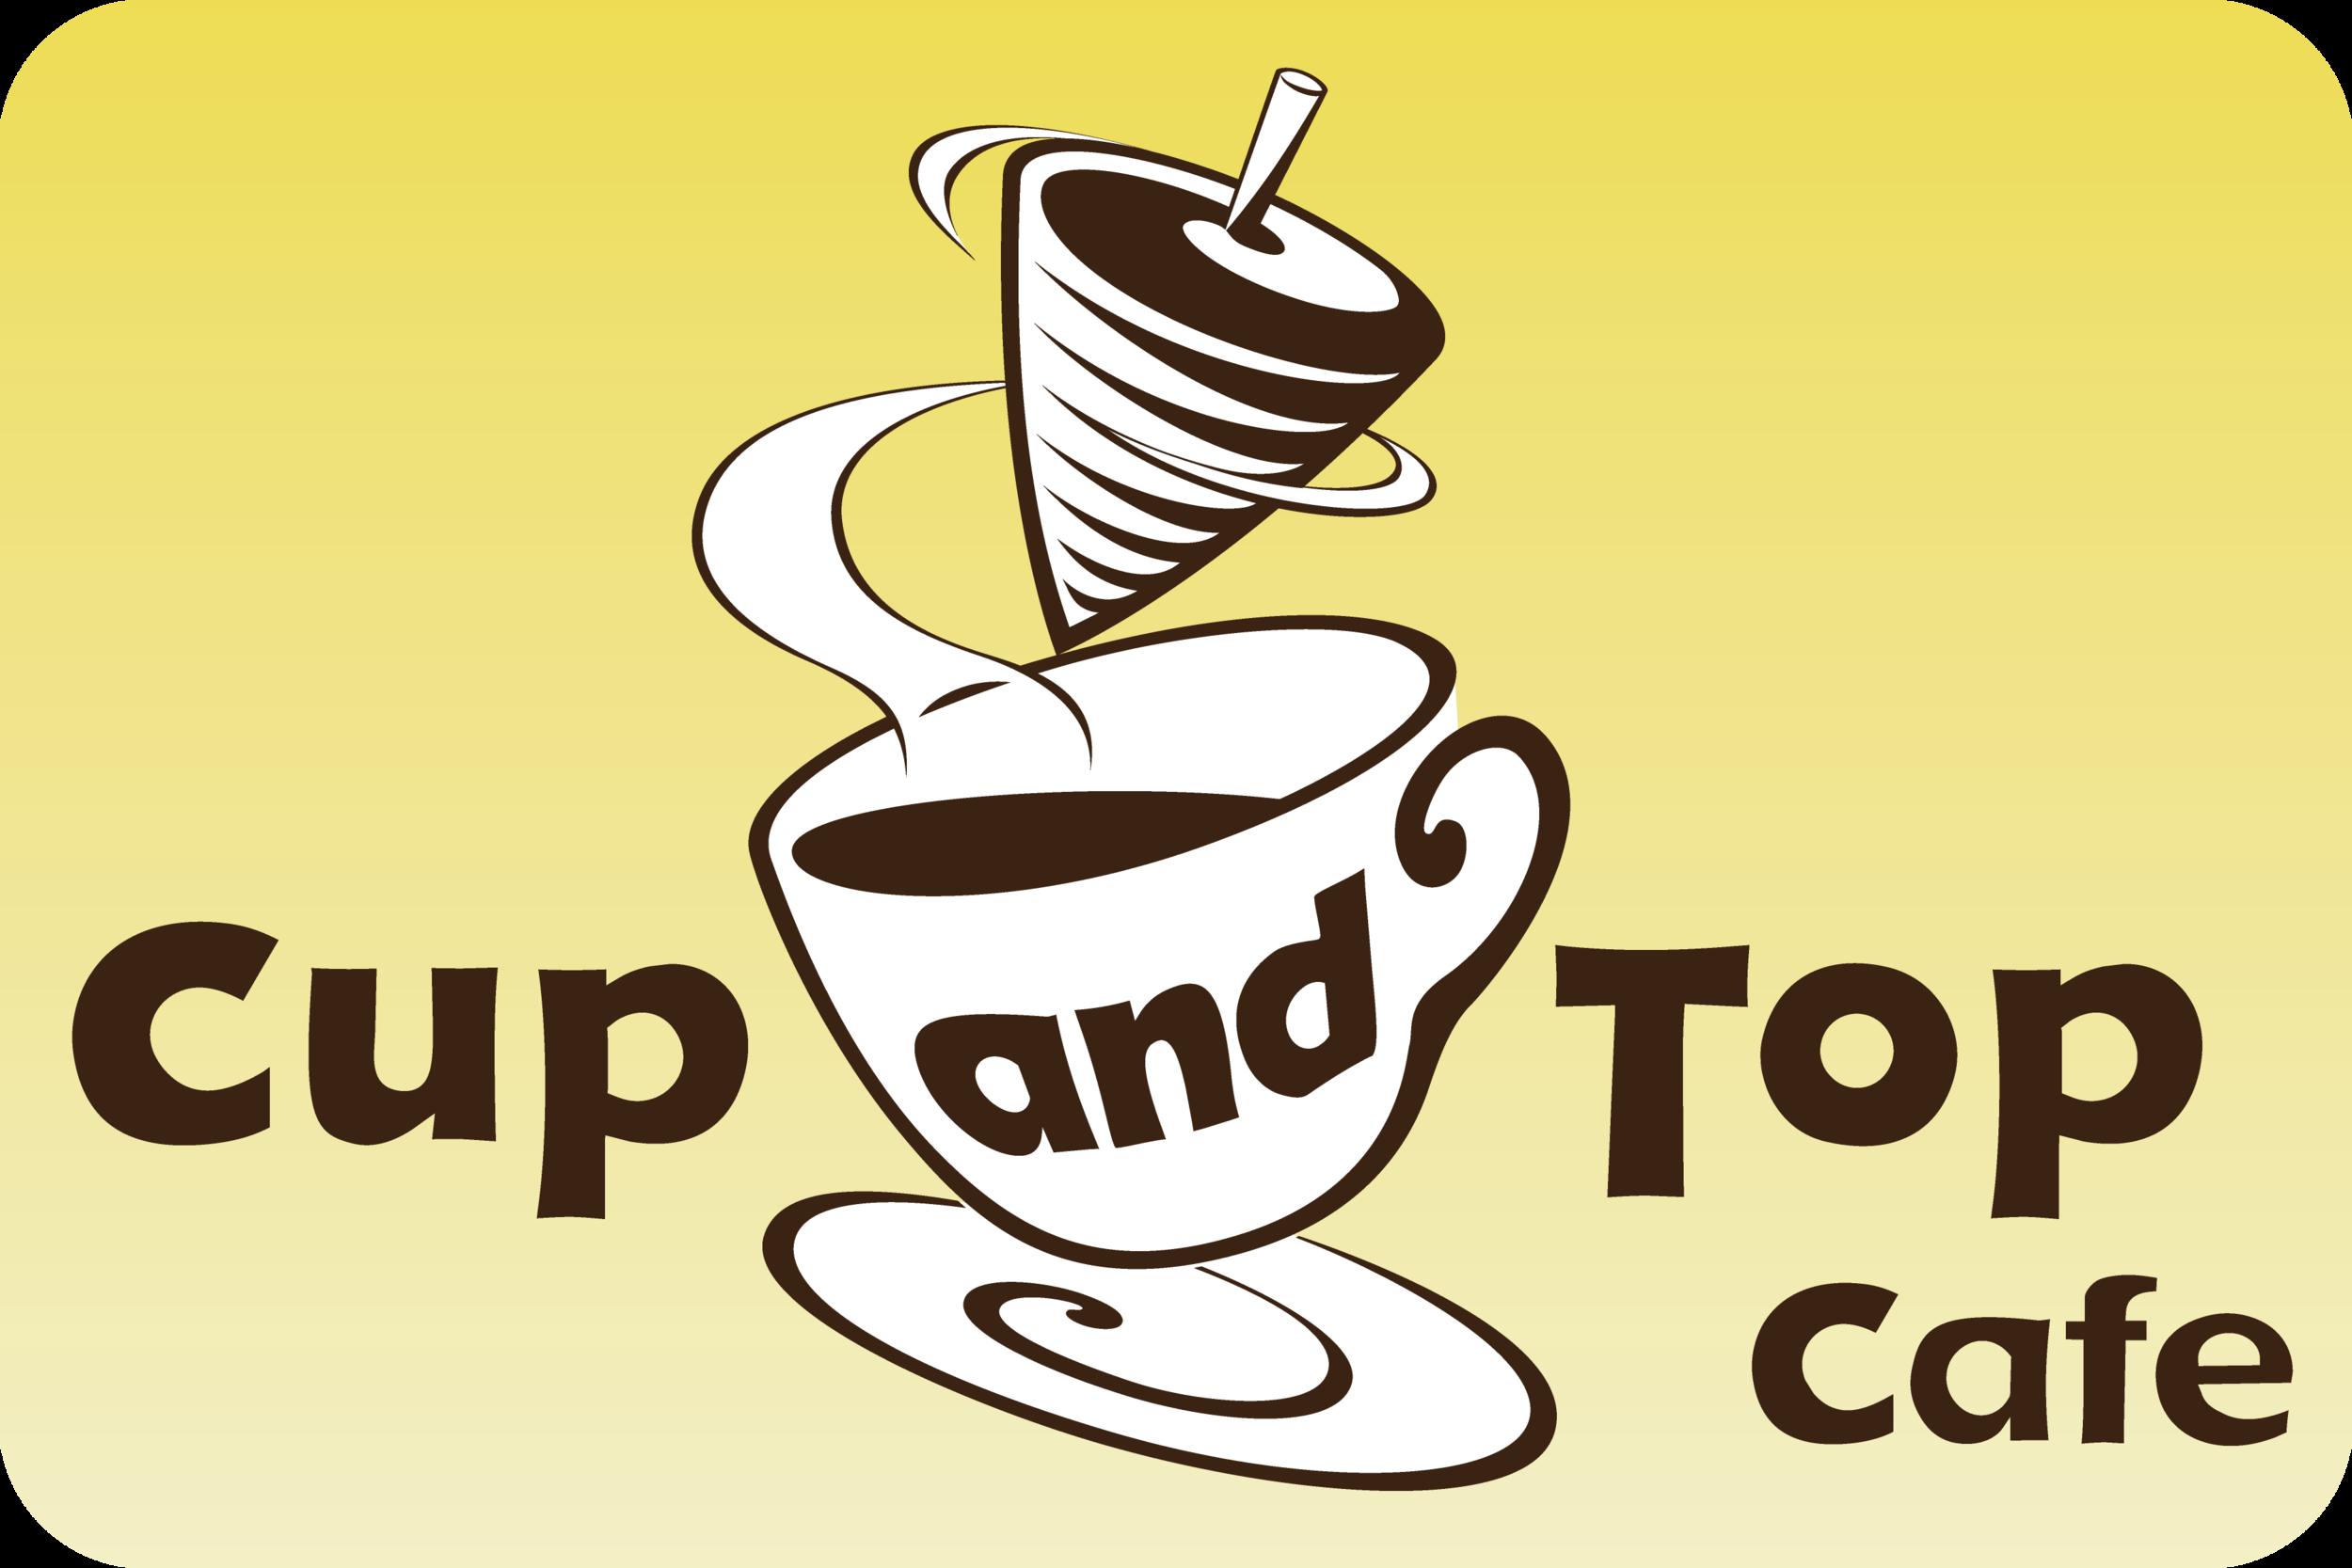 cupandtop-logo-fullcolor.png